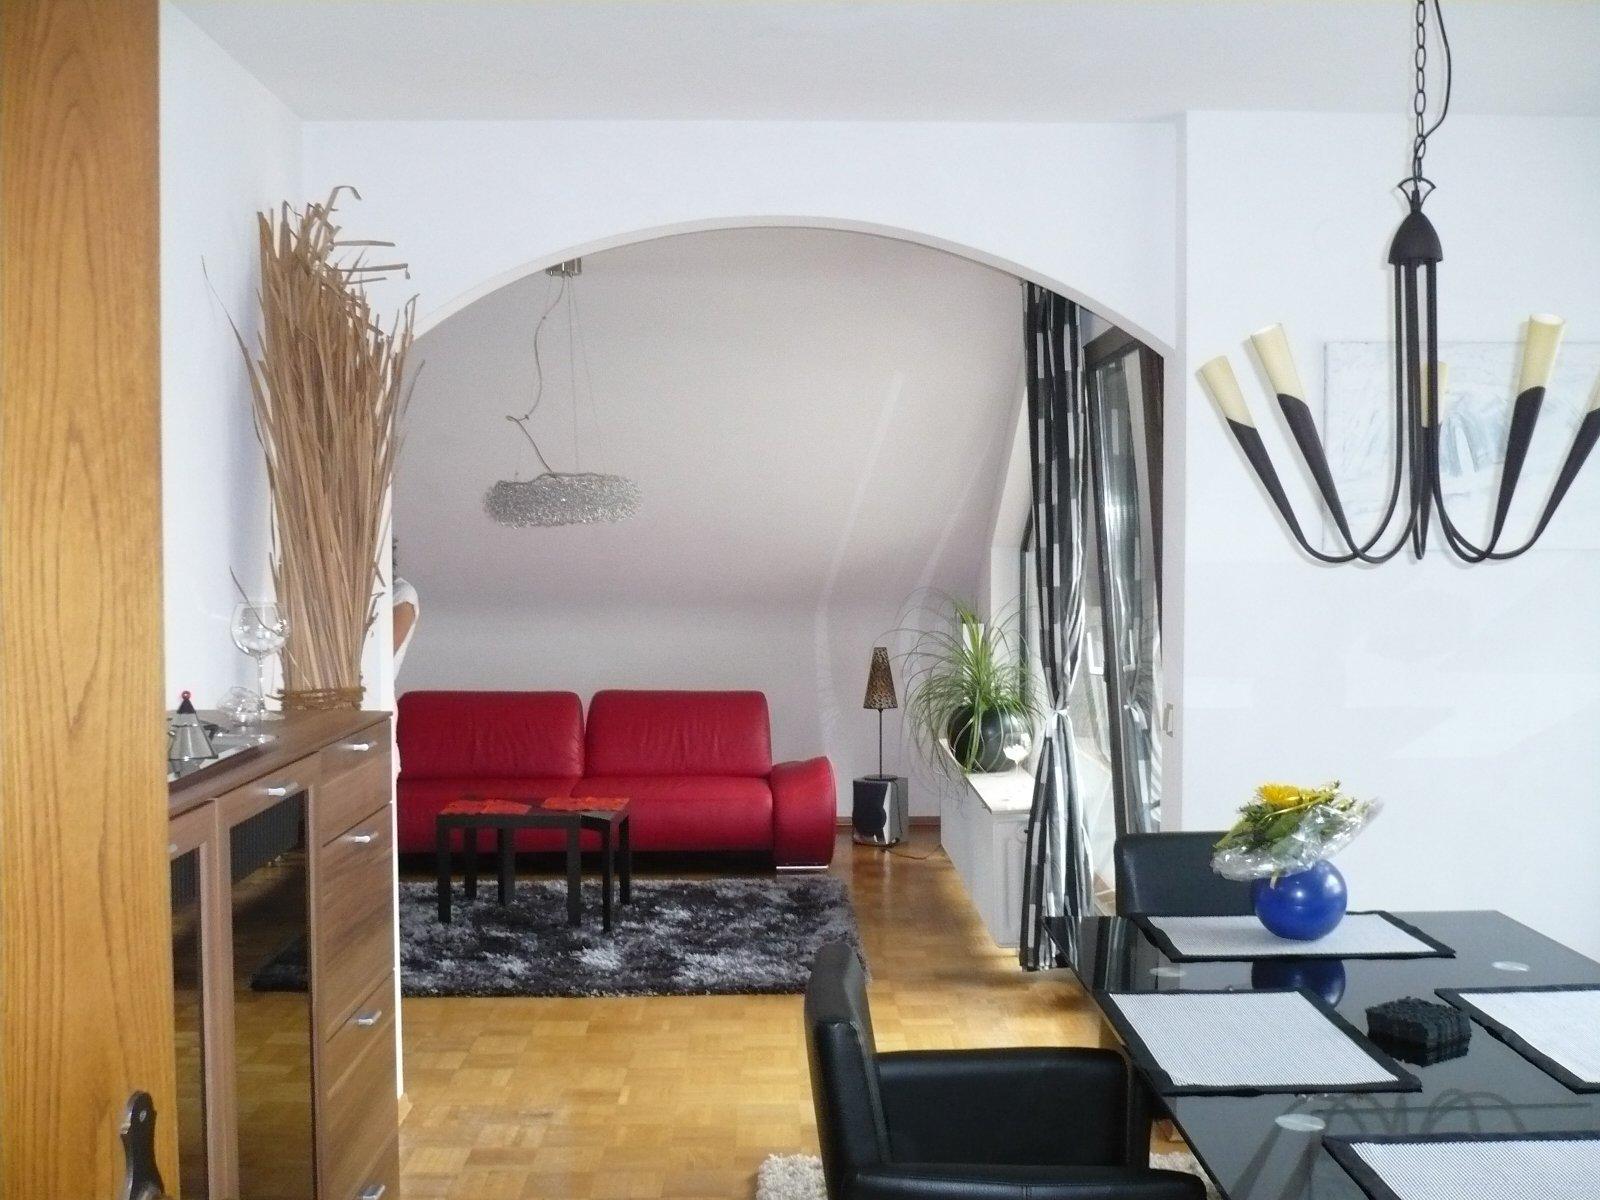 Ess- und Wohnbereich mit Tisch, zwei Stühlen, Kommode und Sofa